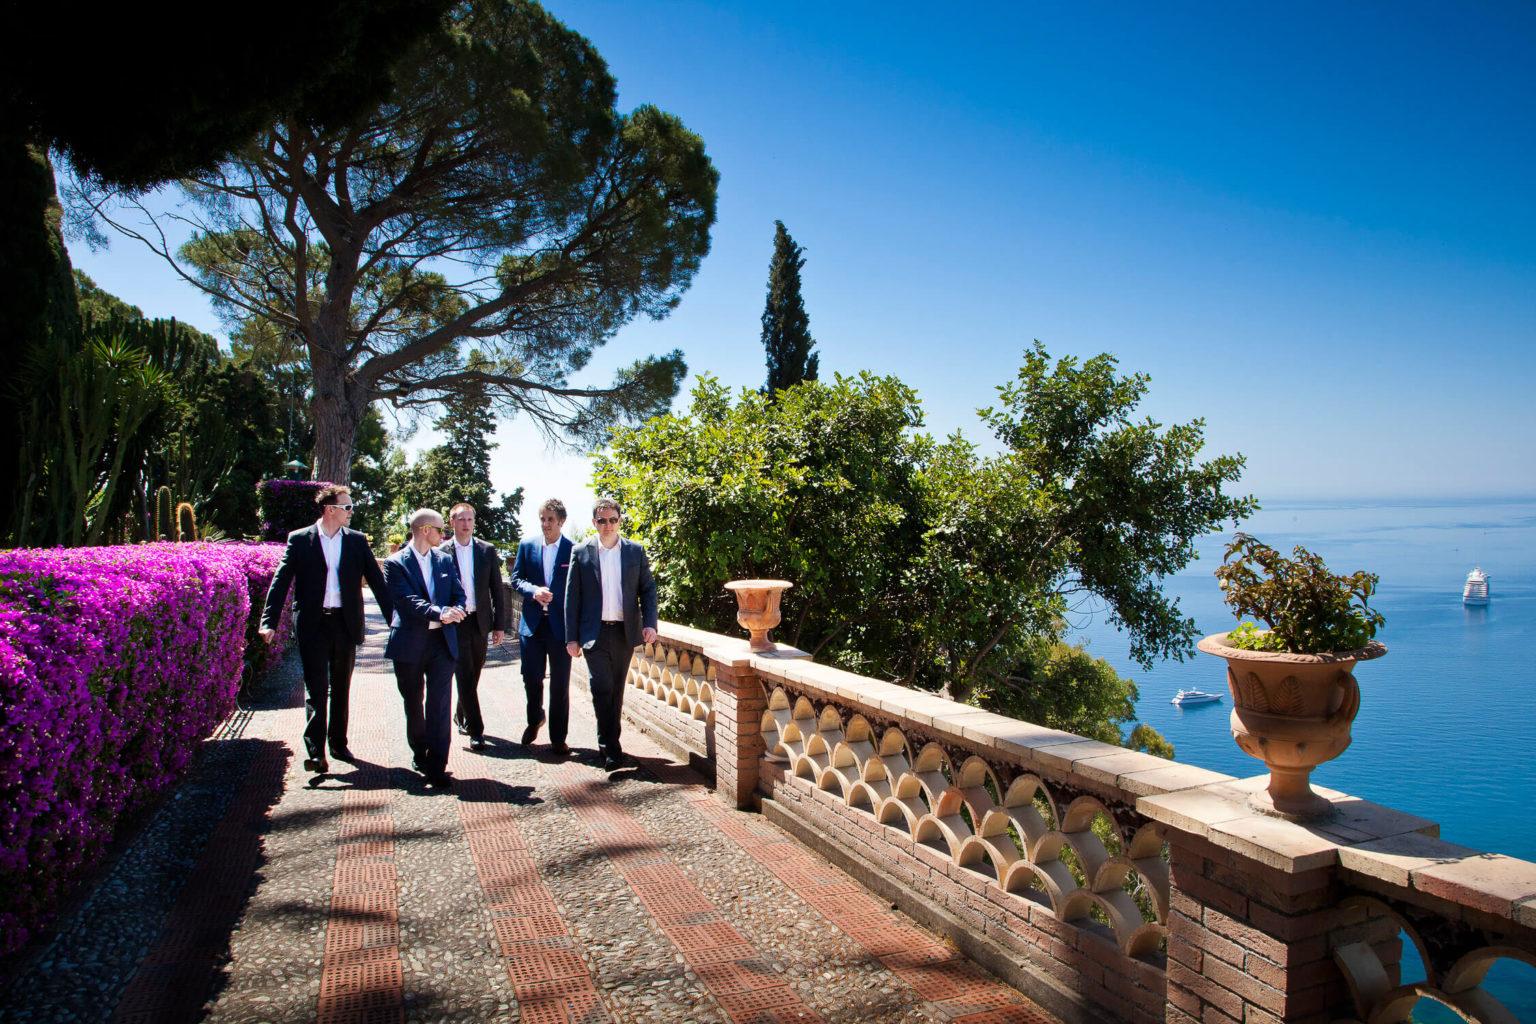 Sposo passeggia con gli amici ai giardini di Taormina, fotografia di matrimonio di Nino Lombardo